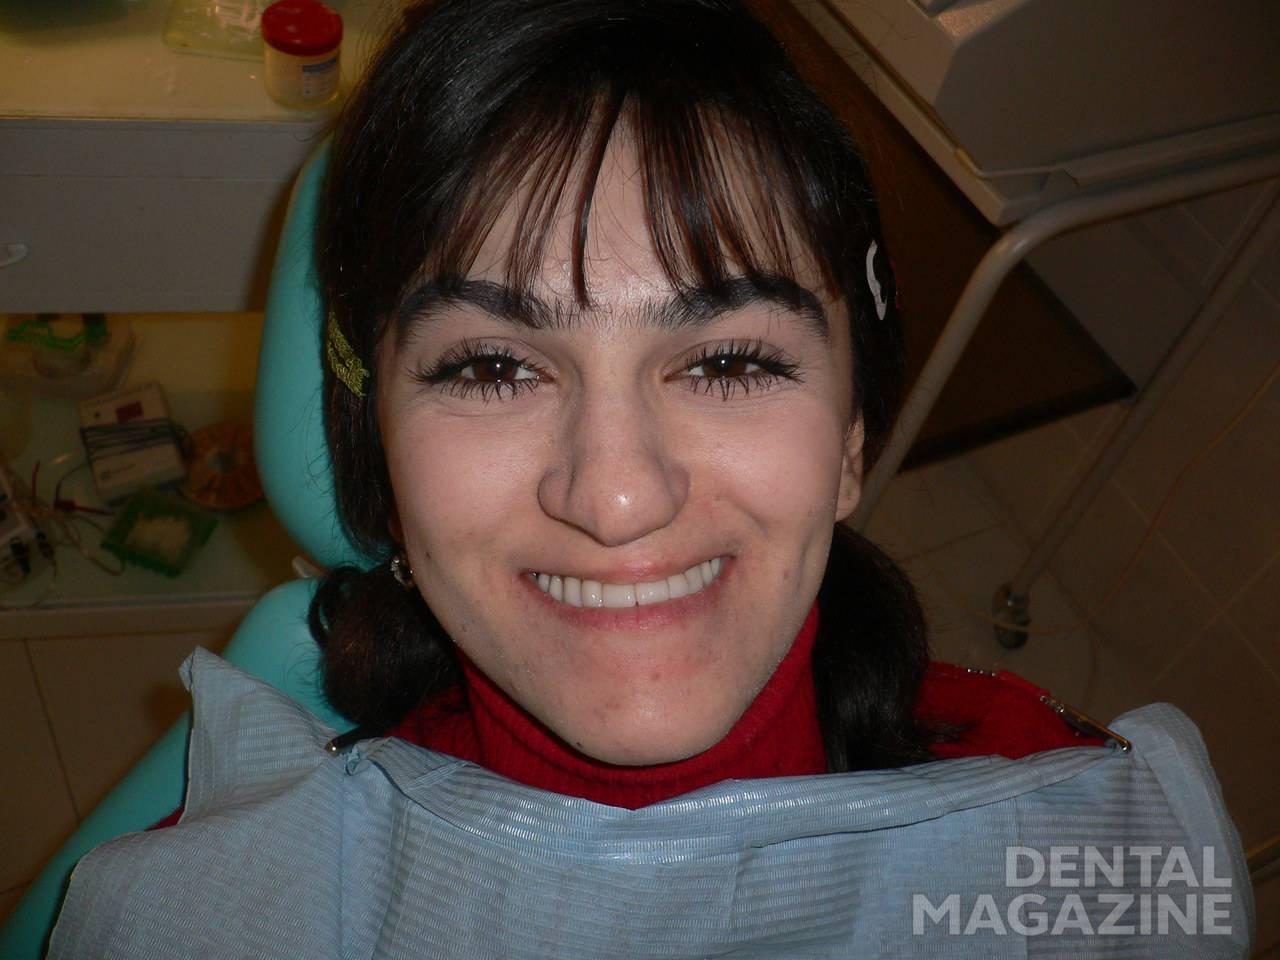 Рис. 6. Внешний вид пациентки с микрогнатией верхней челюсти после ортопедического лечения косметическим нейлоновым протезом.